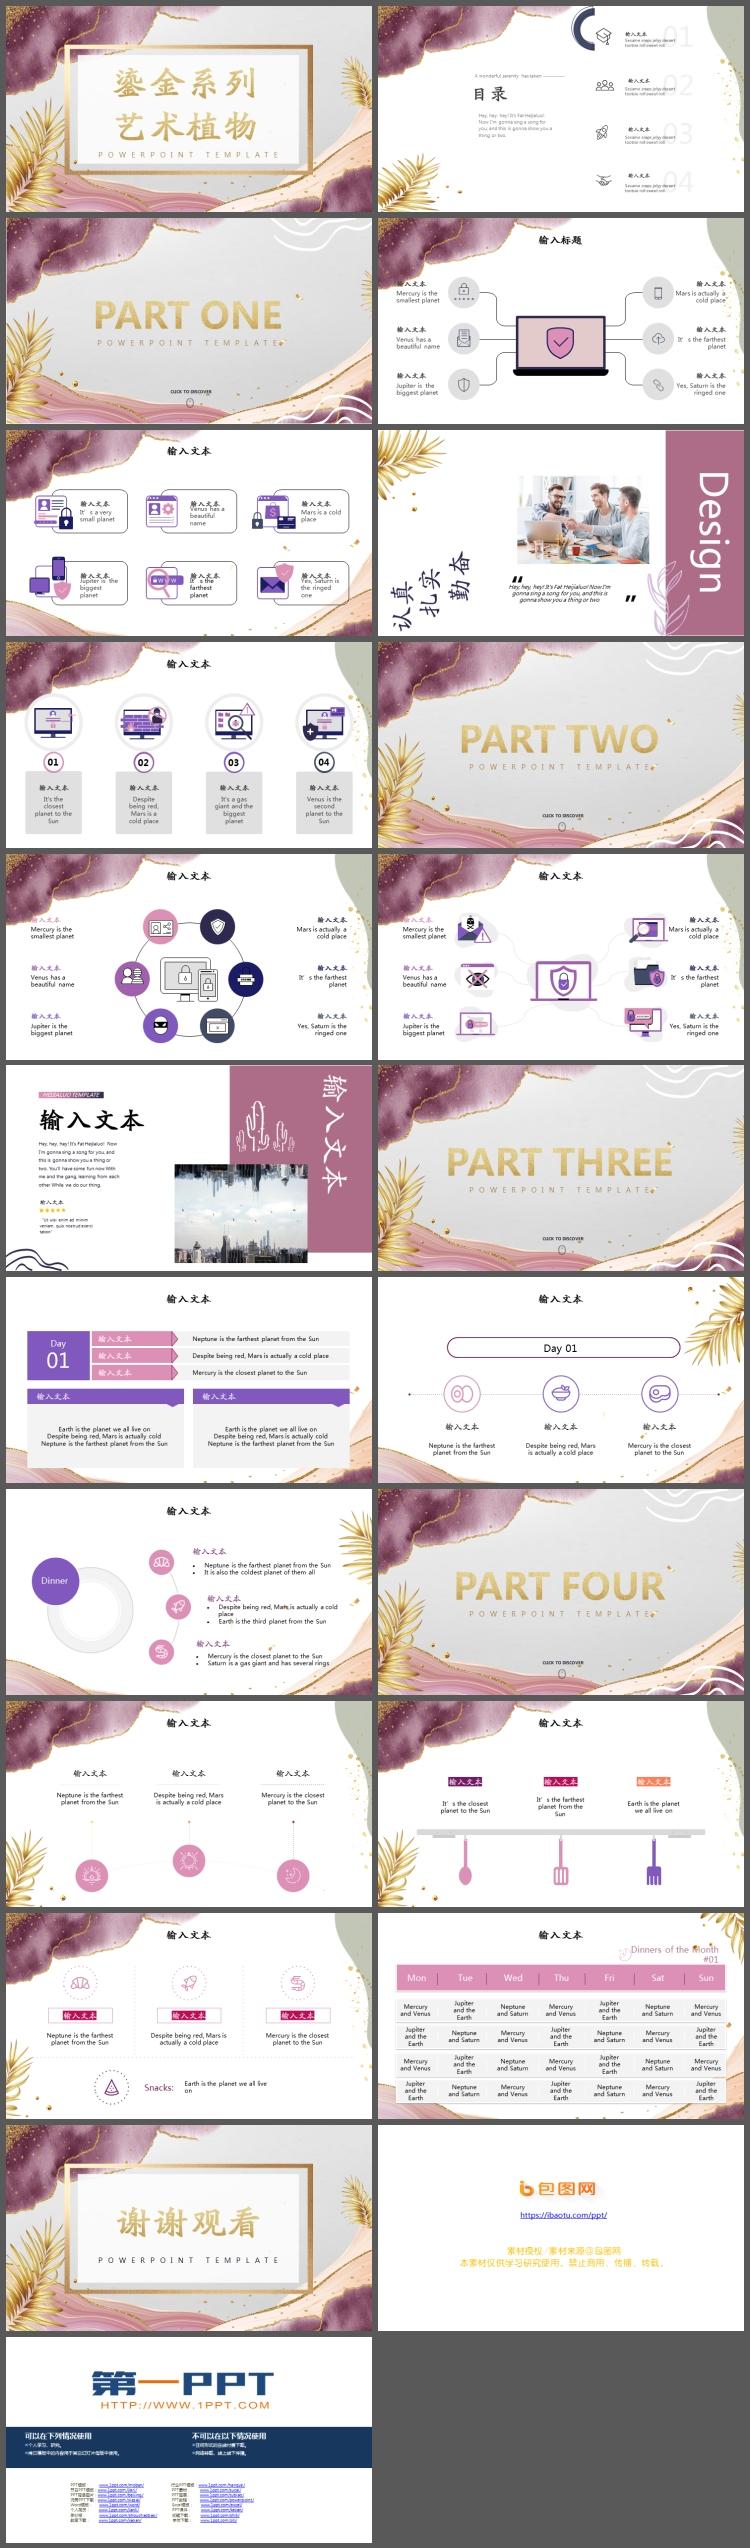 紫粉鎏金艺术PPT模板免费下载